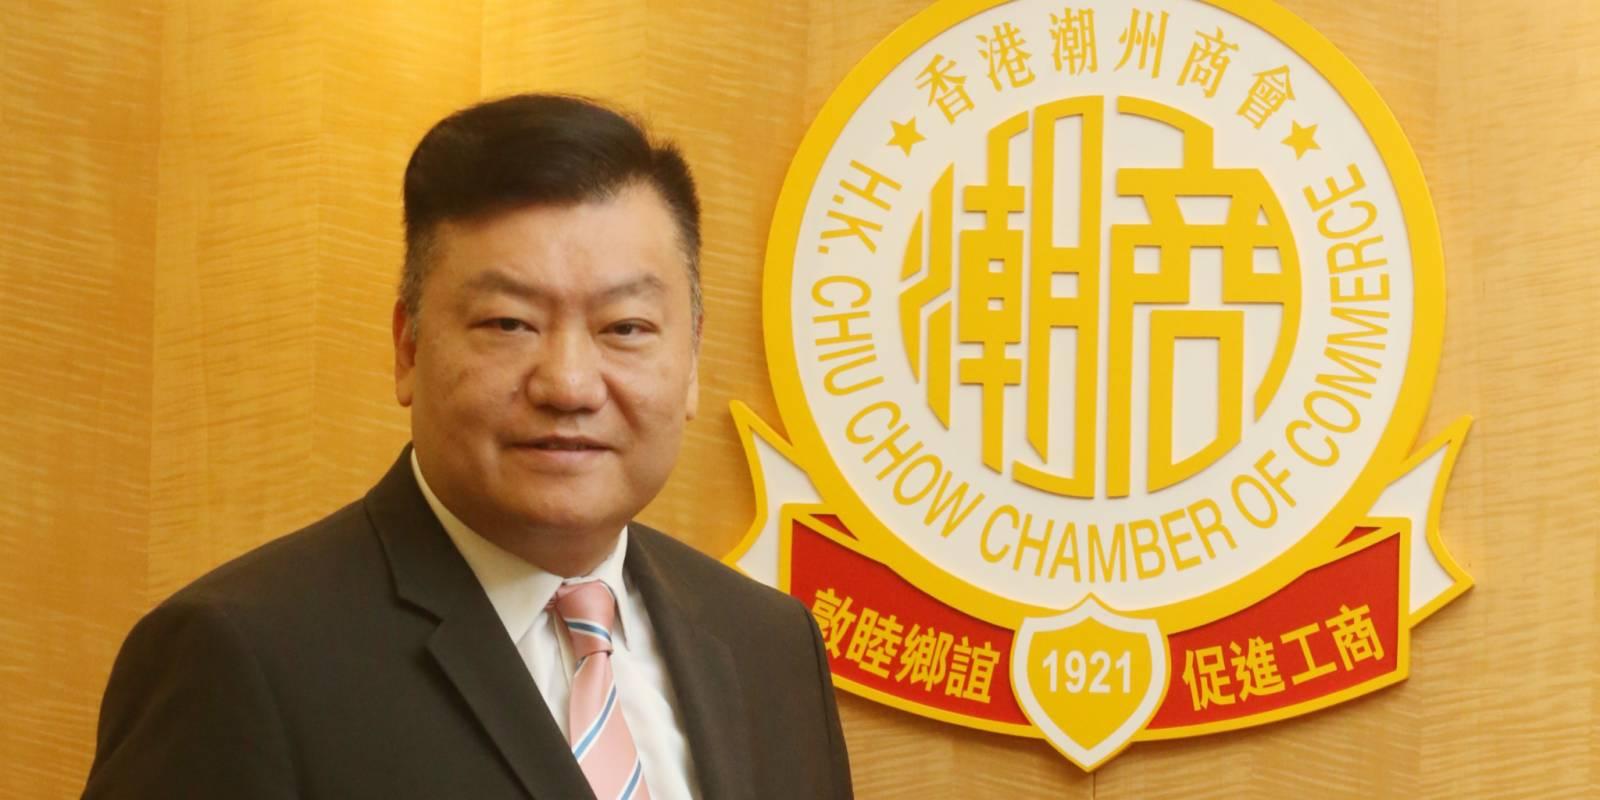 胡劍江:五中全會擘畫藍圖 香港前途更加美好